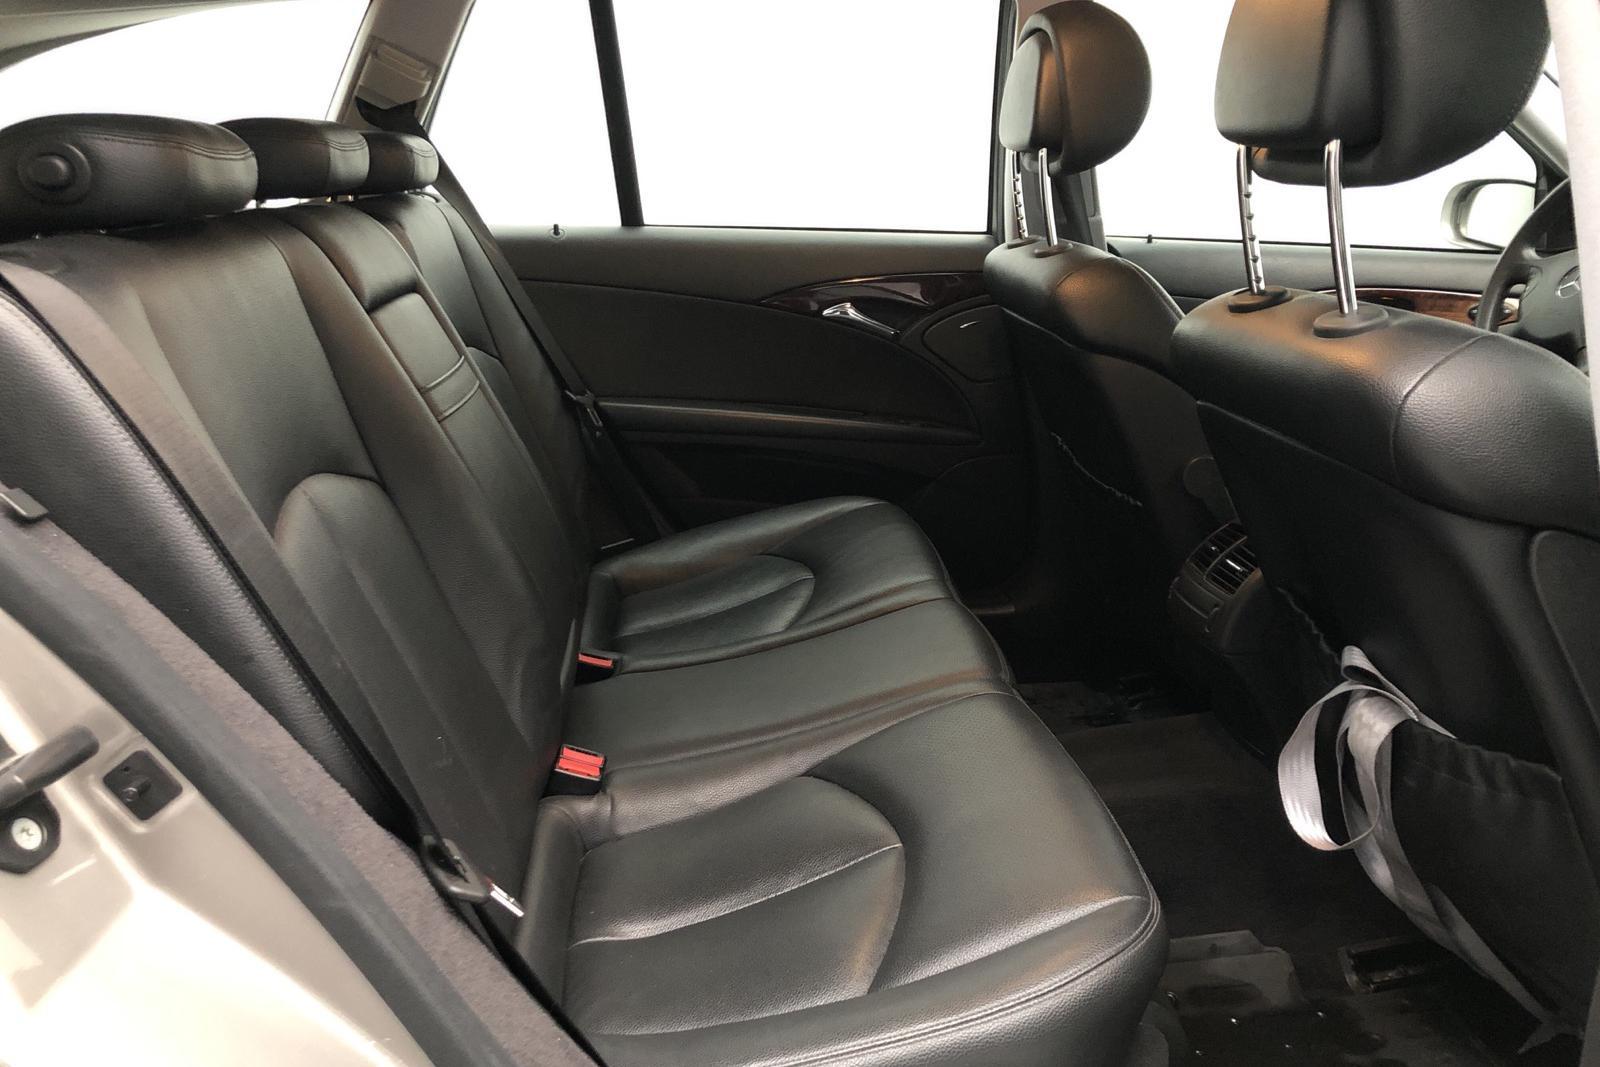 Mercedes E 200 Kompressor Kombi W211 (163hk) - 20 949 mil - Automat - silver - 2006